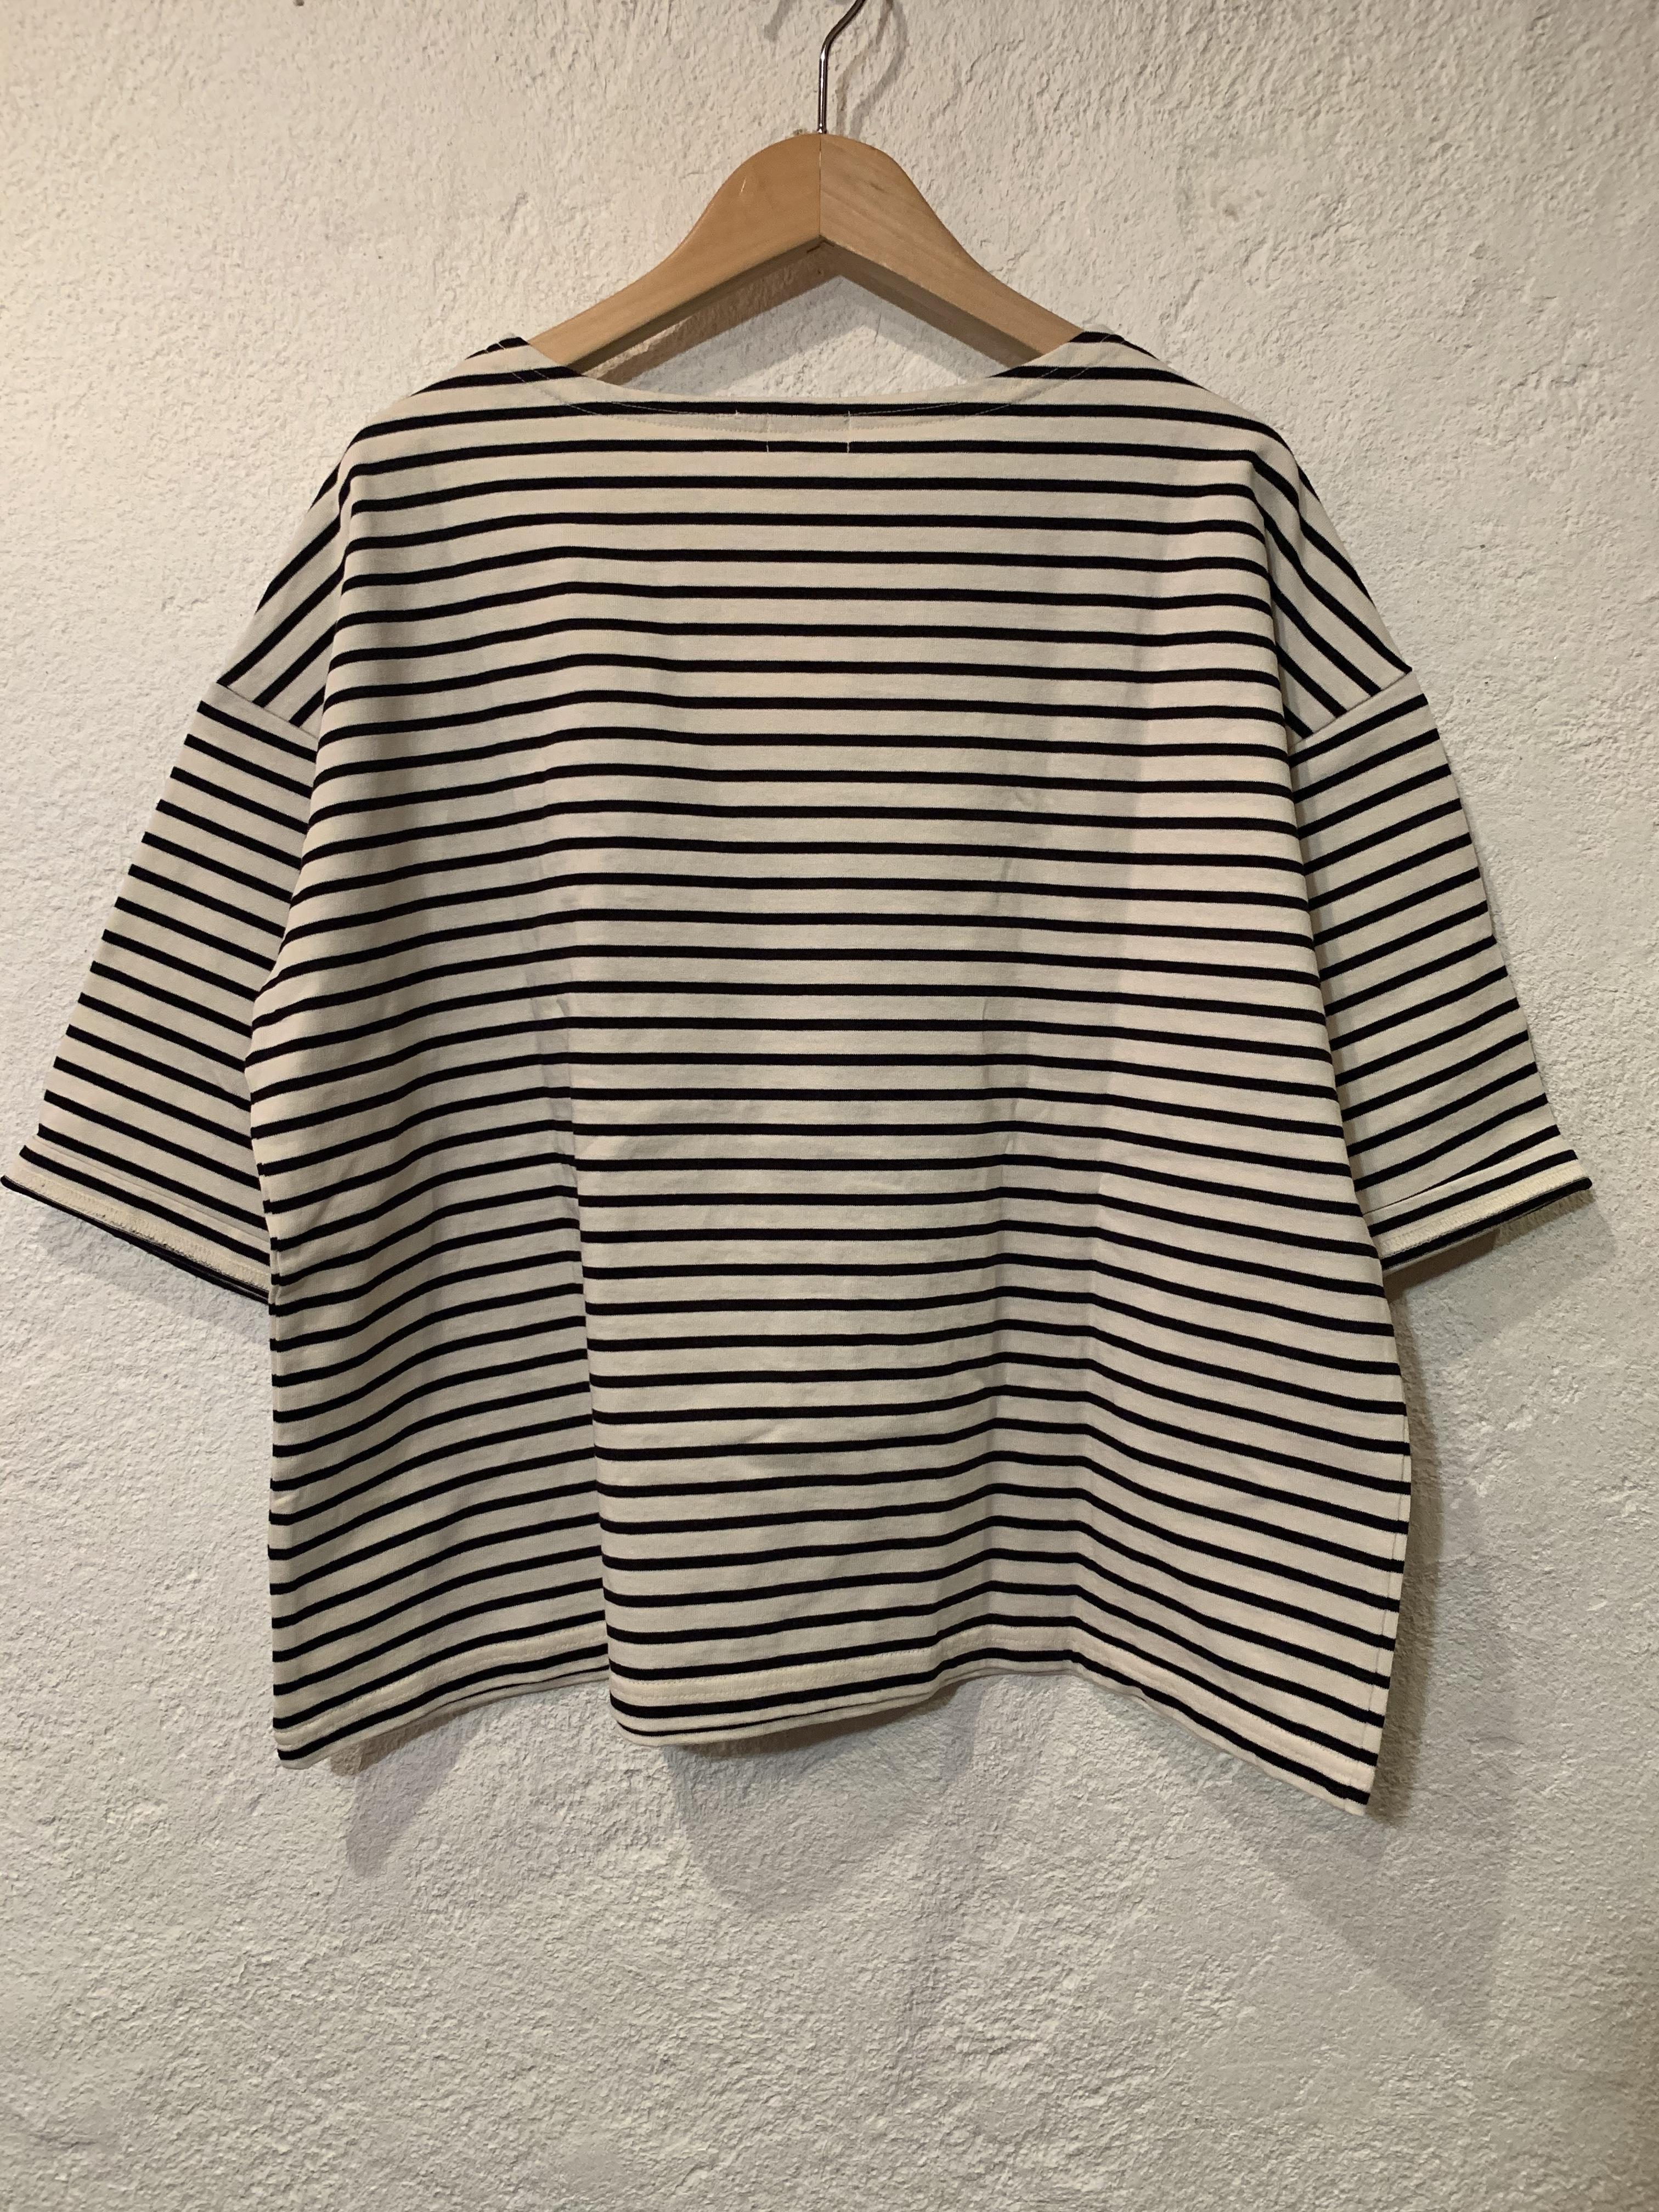 days/ボートネック6分袖ボーダーTシャツ  キナリxブラック